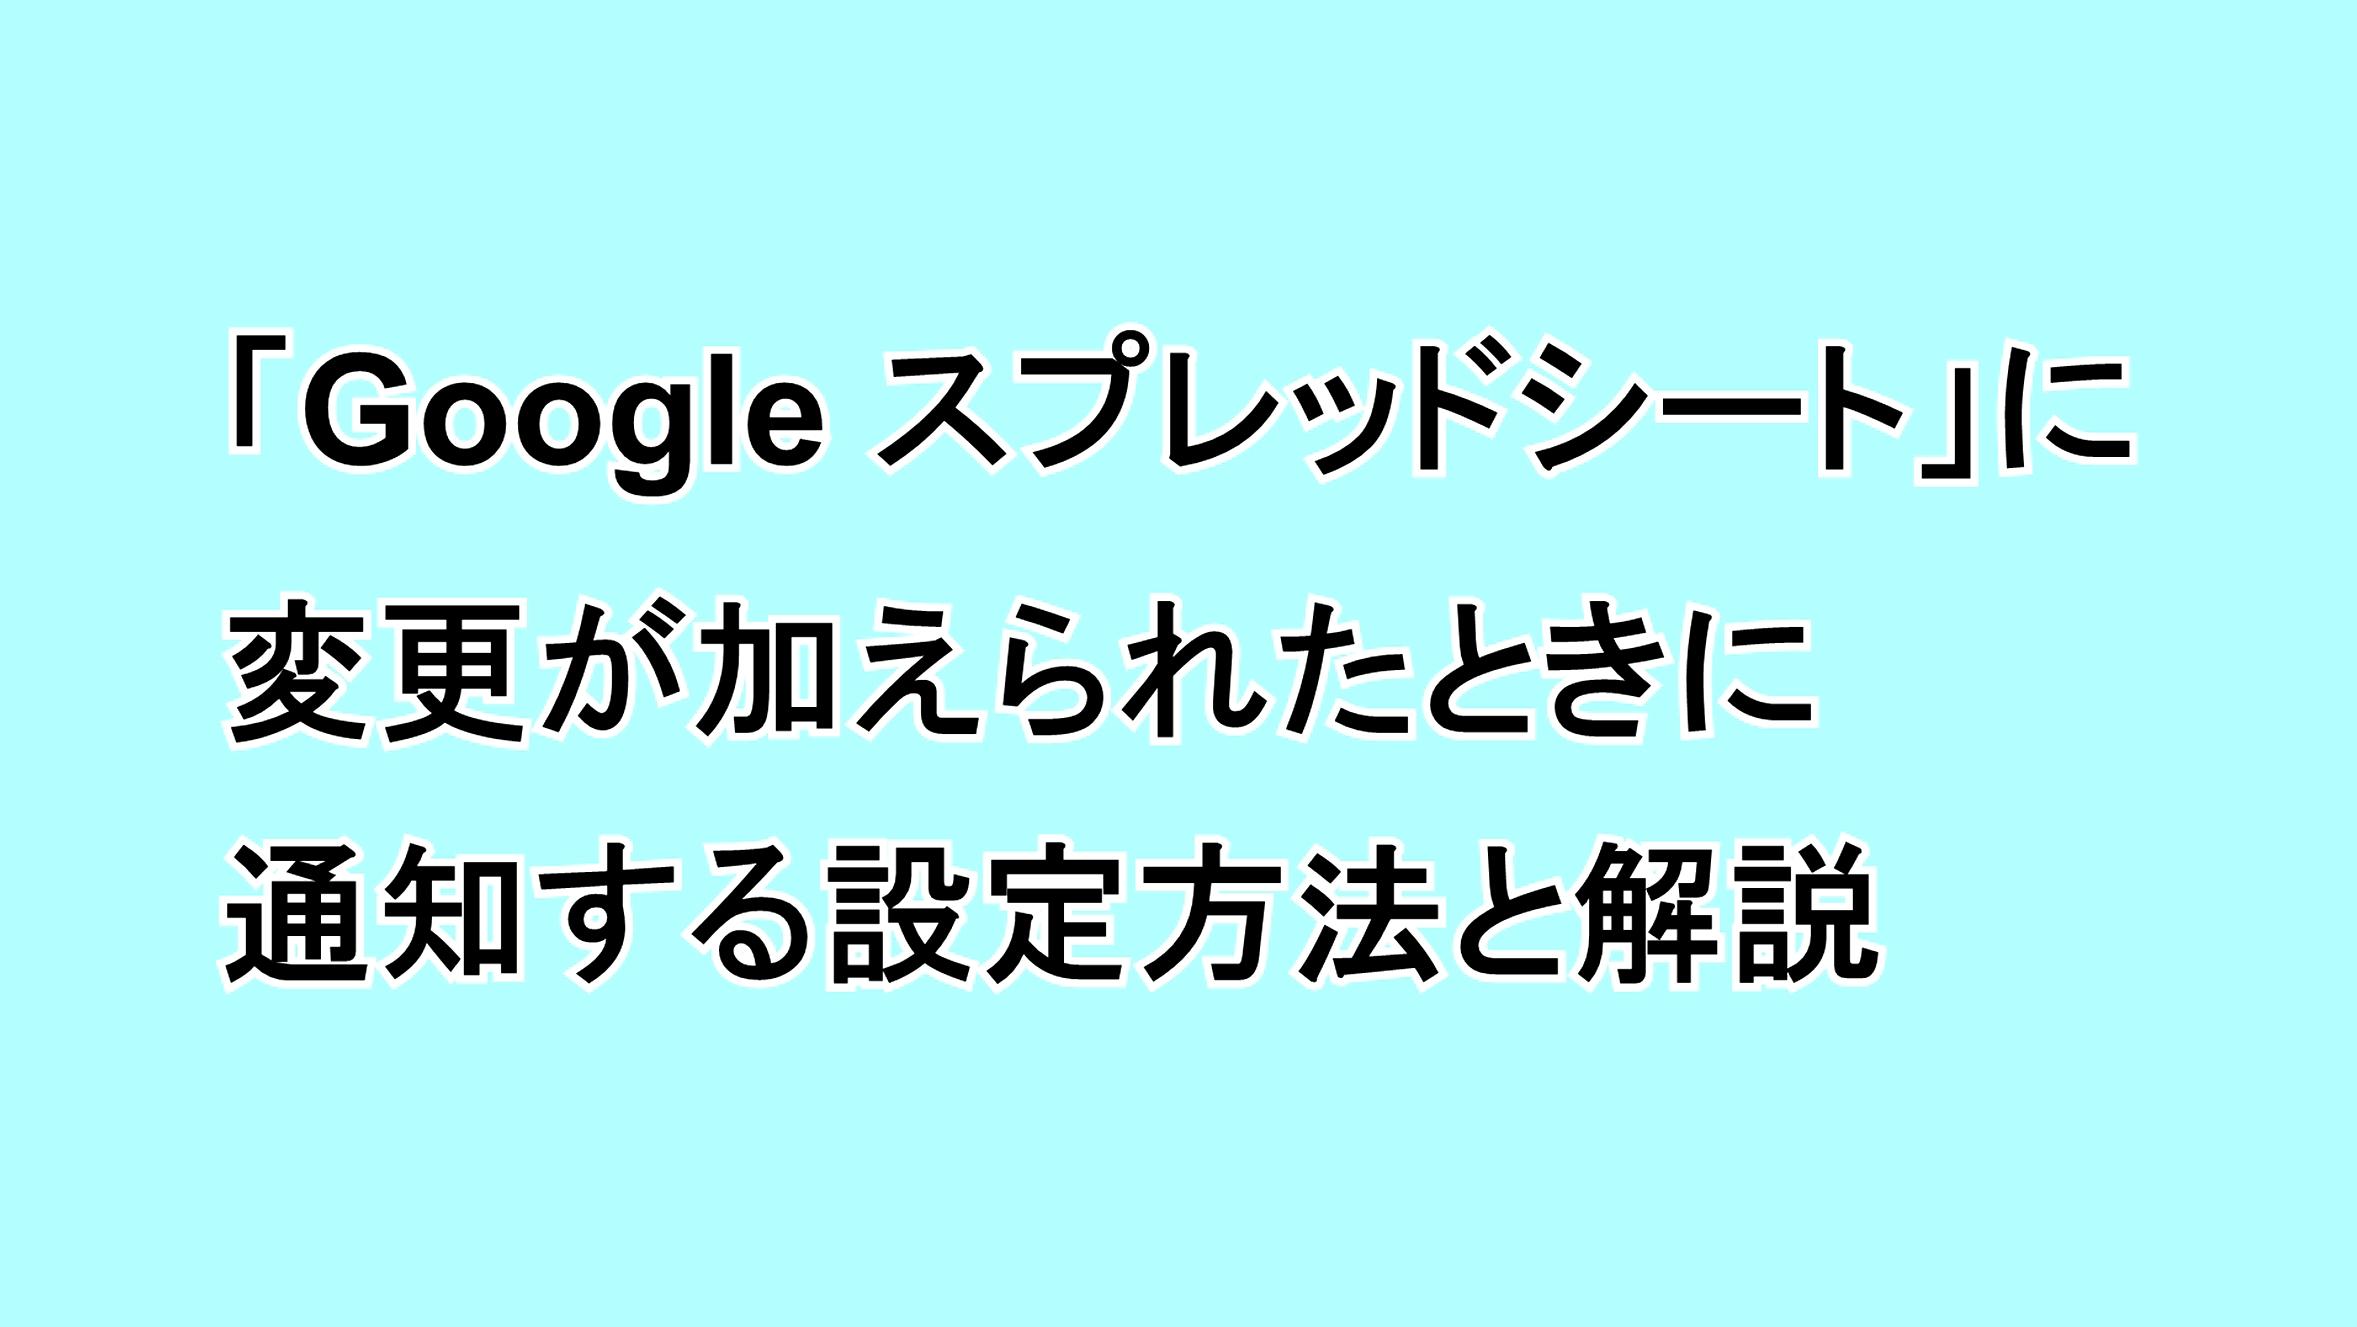 「Google スプレッドシート」に変更が加えられたときに通知する設定方法と解説